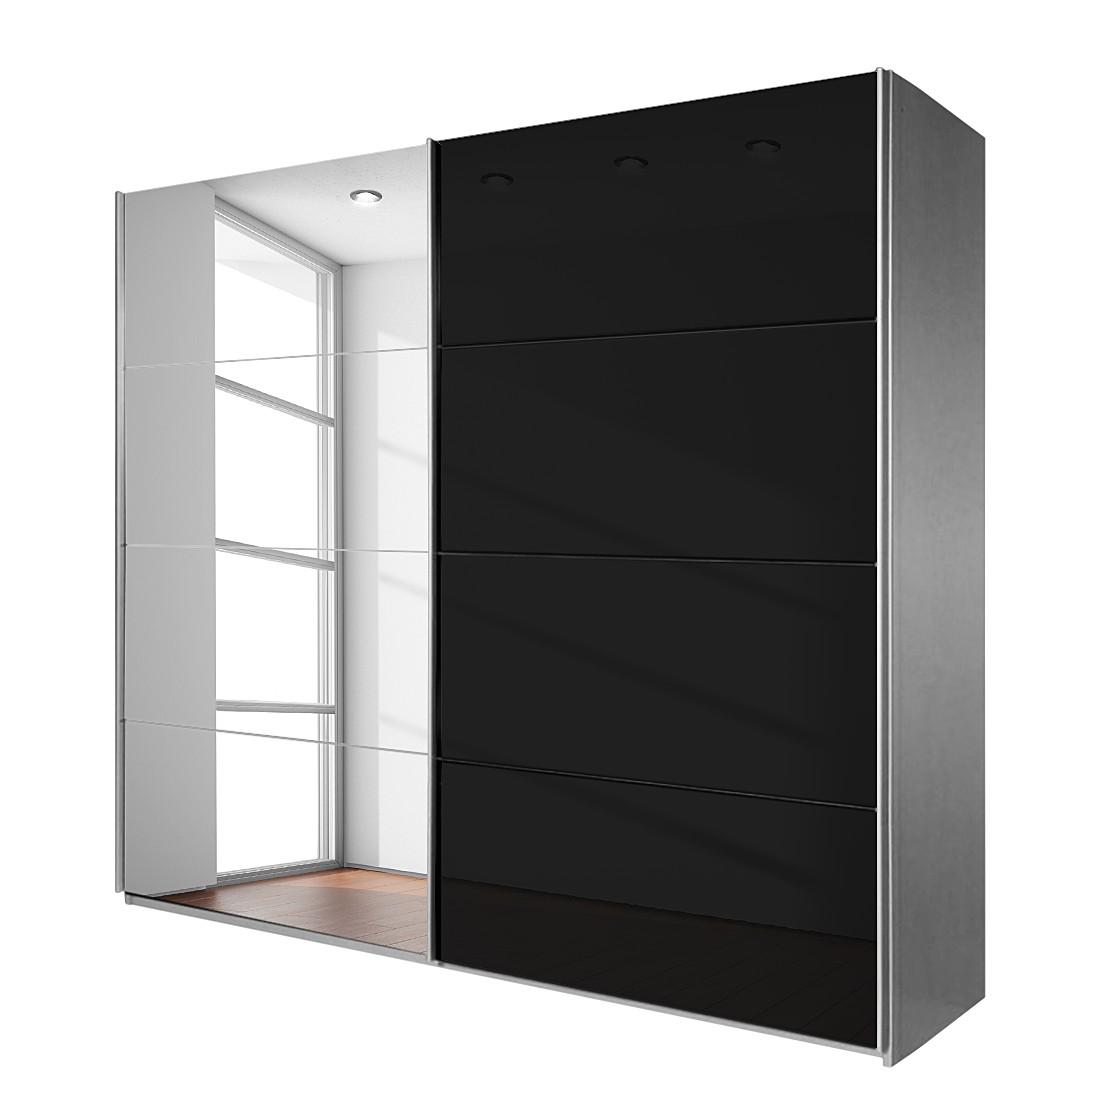 Armoire à portes coulissantes Quadra - Avec miroir Alunimium brossé / Noir Aluminium 271 x 210 cm, R